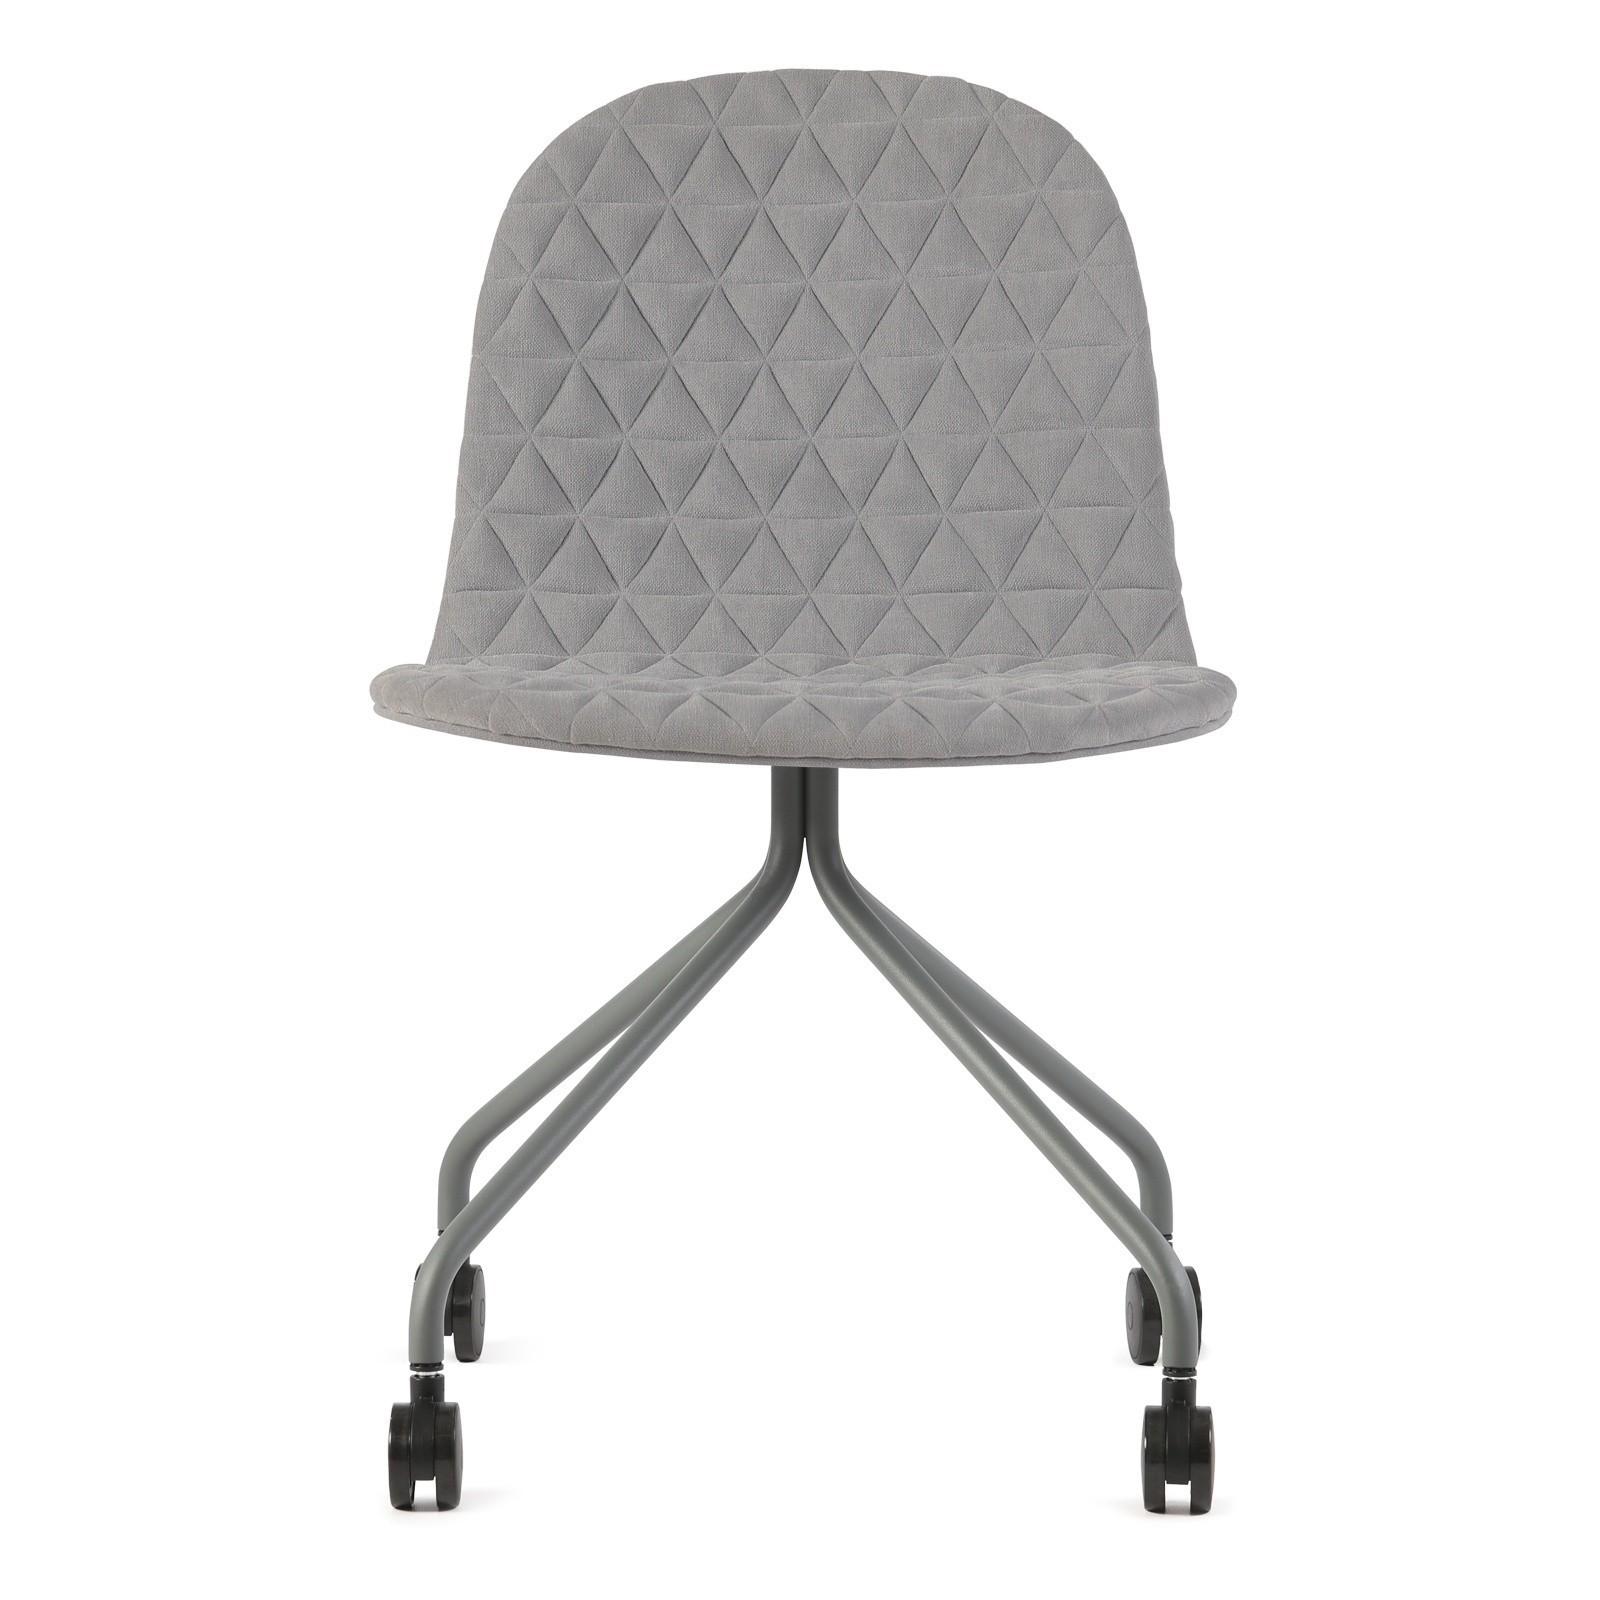 Mannequin chair - 02 - grey